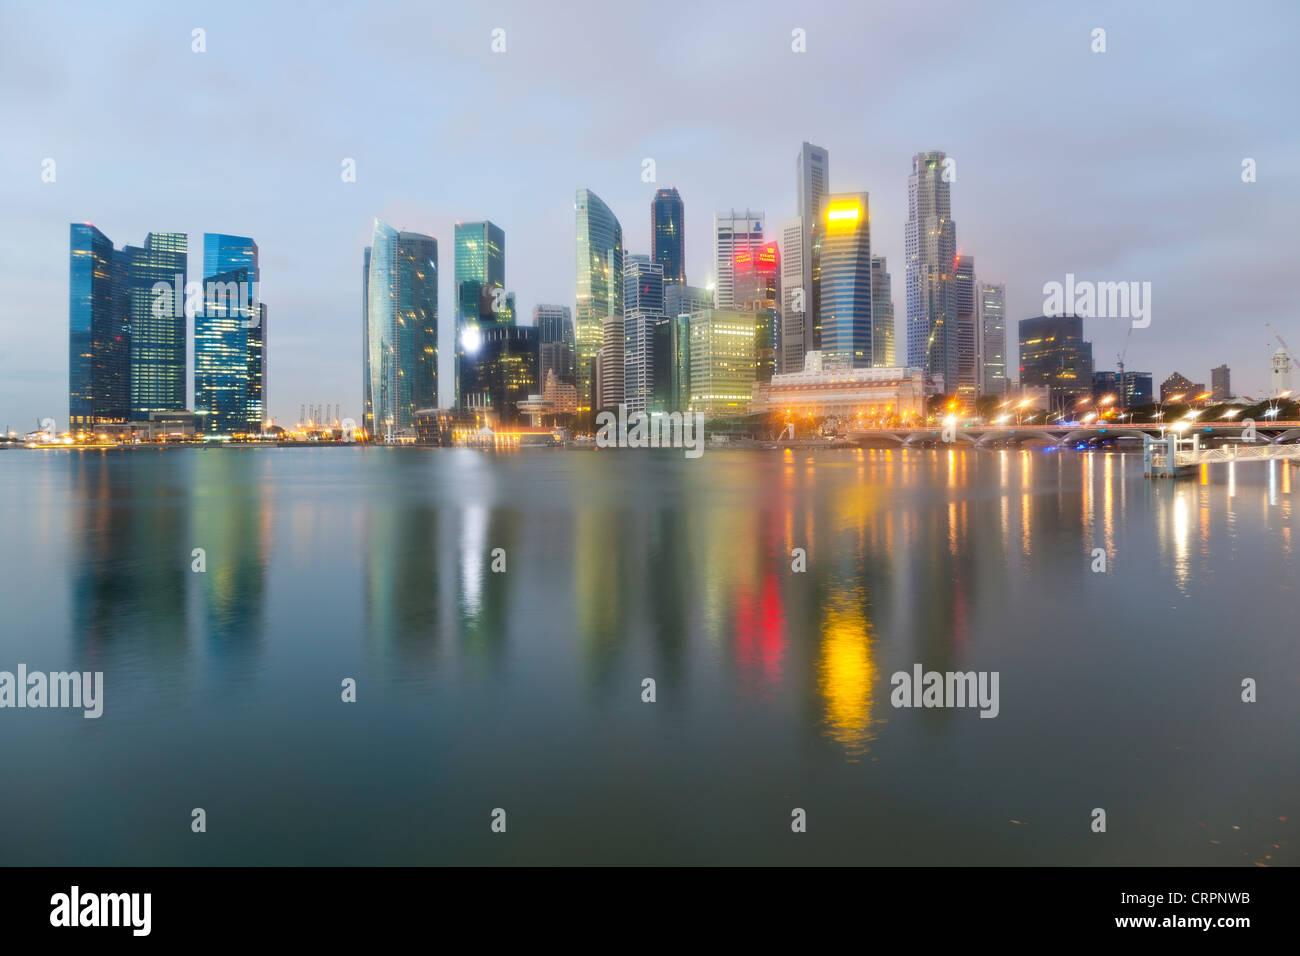 L'Asie du Sud Est, Singapour, Ville, Vue sur Marina Bay au quartier financier et d'affaires de Singapour Photo Stock